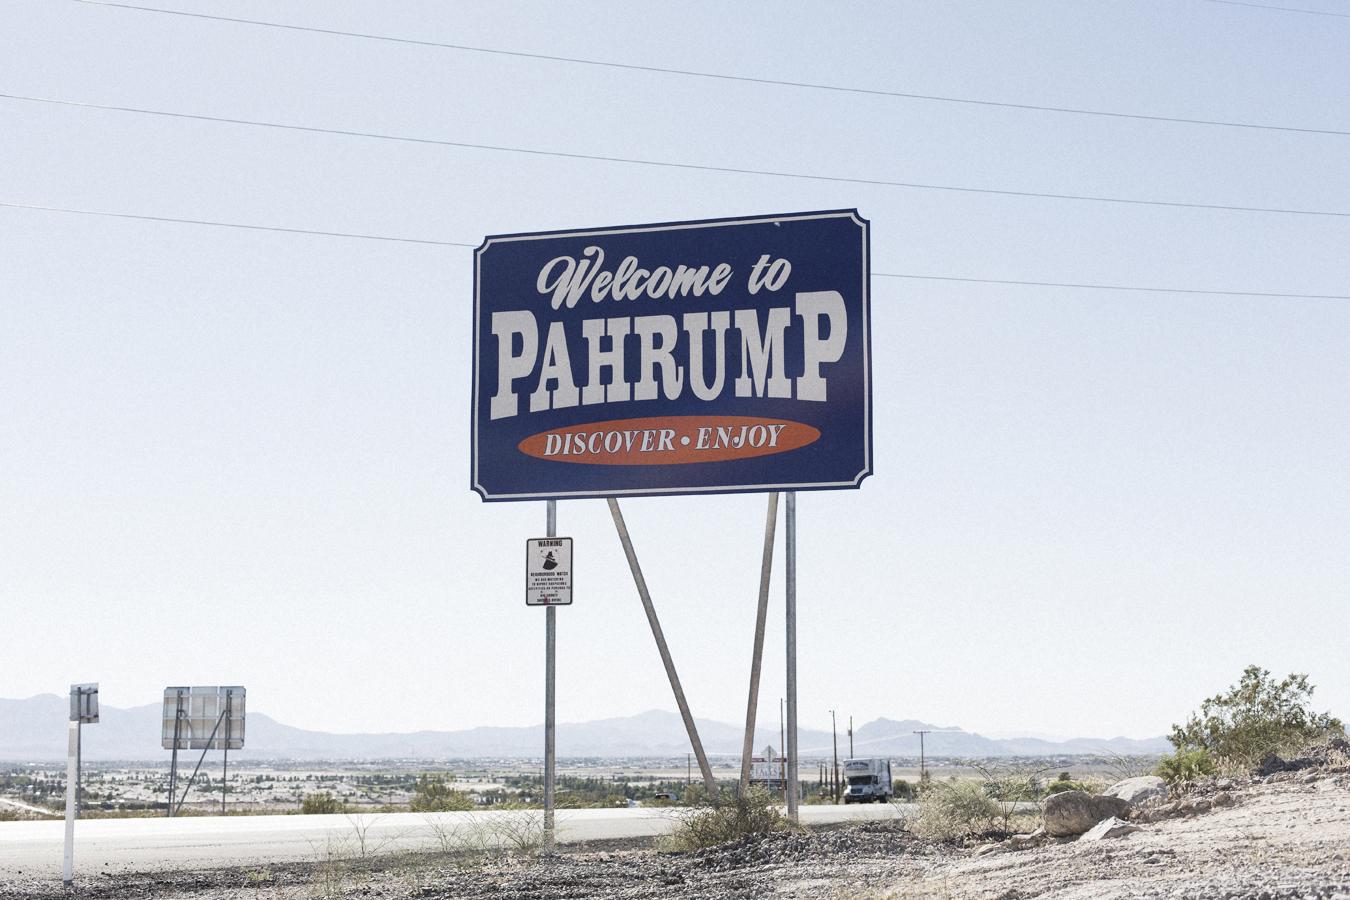 La ville de Pharump, dans le Nevada © Yann Stofer